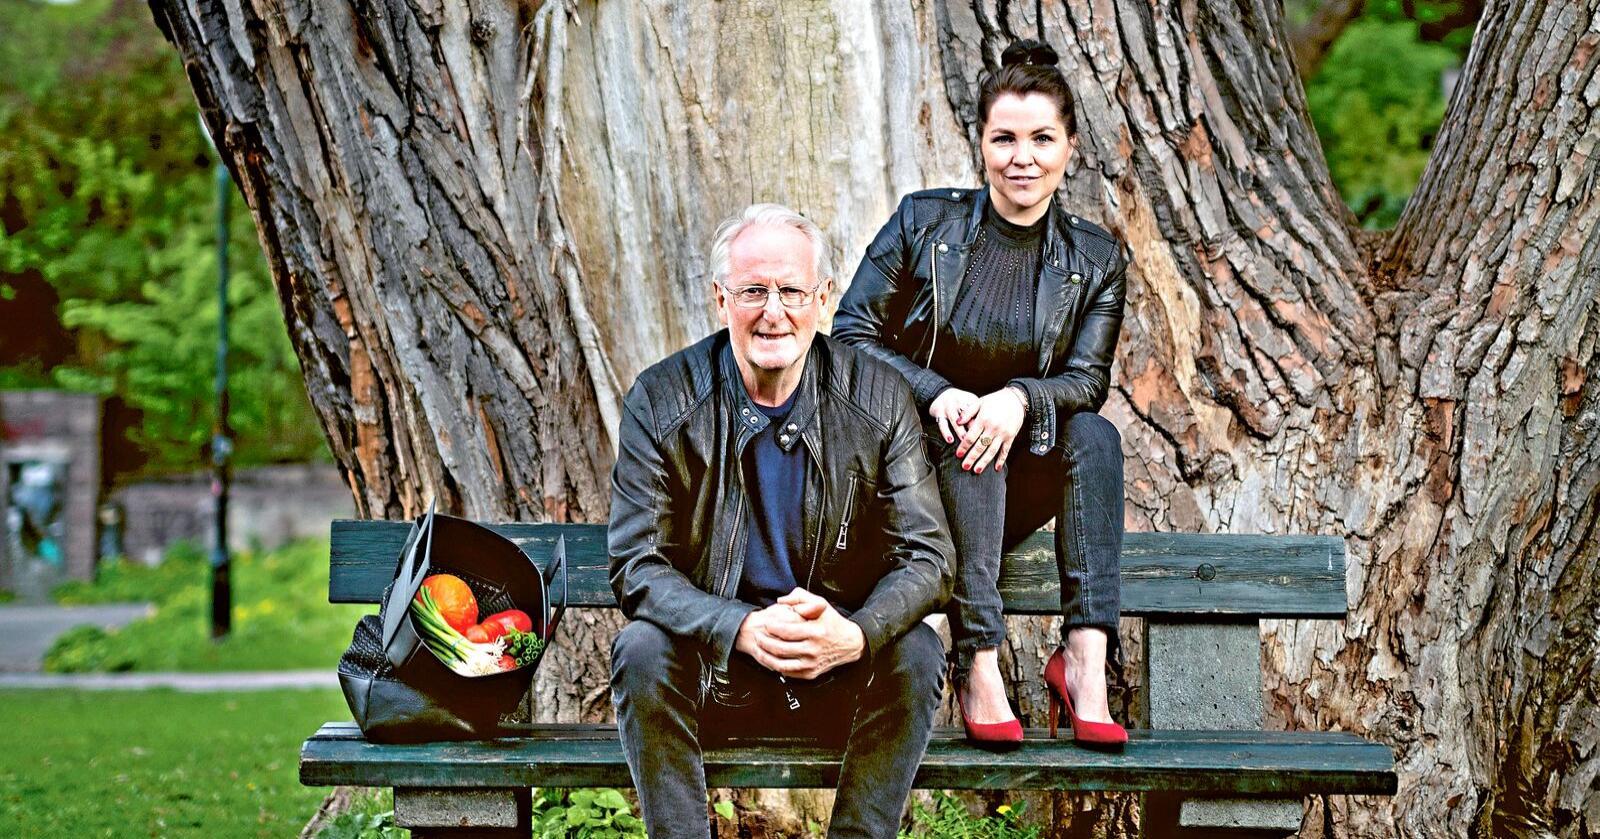 To må man være: Eyvind Hellstrøm og Anita Rennan har lagetårets beste norske kokebok. Innholdet spenner fra pasta i spinatsaus til«hangover steak». Foto: Agnete Brun/Kagge Forlag